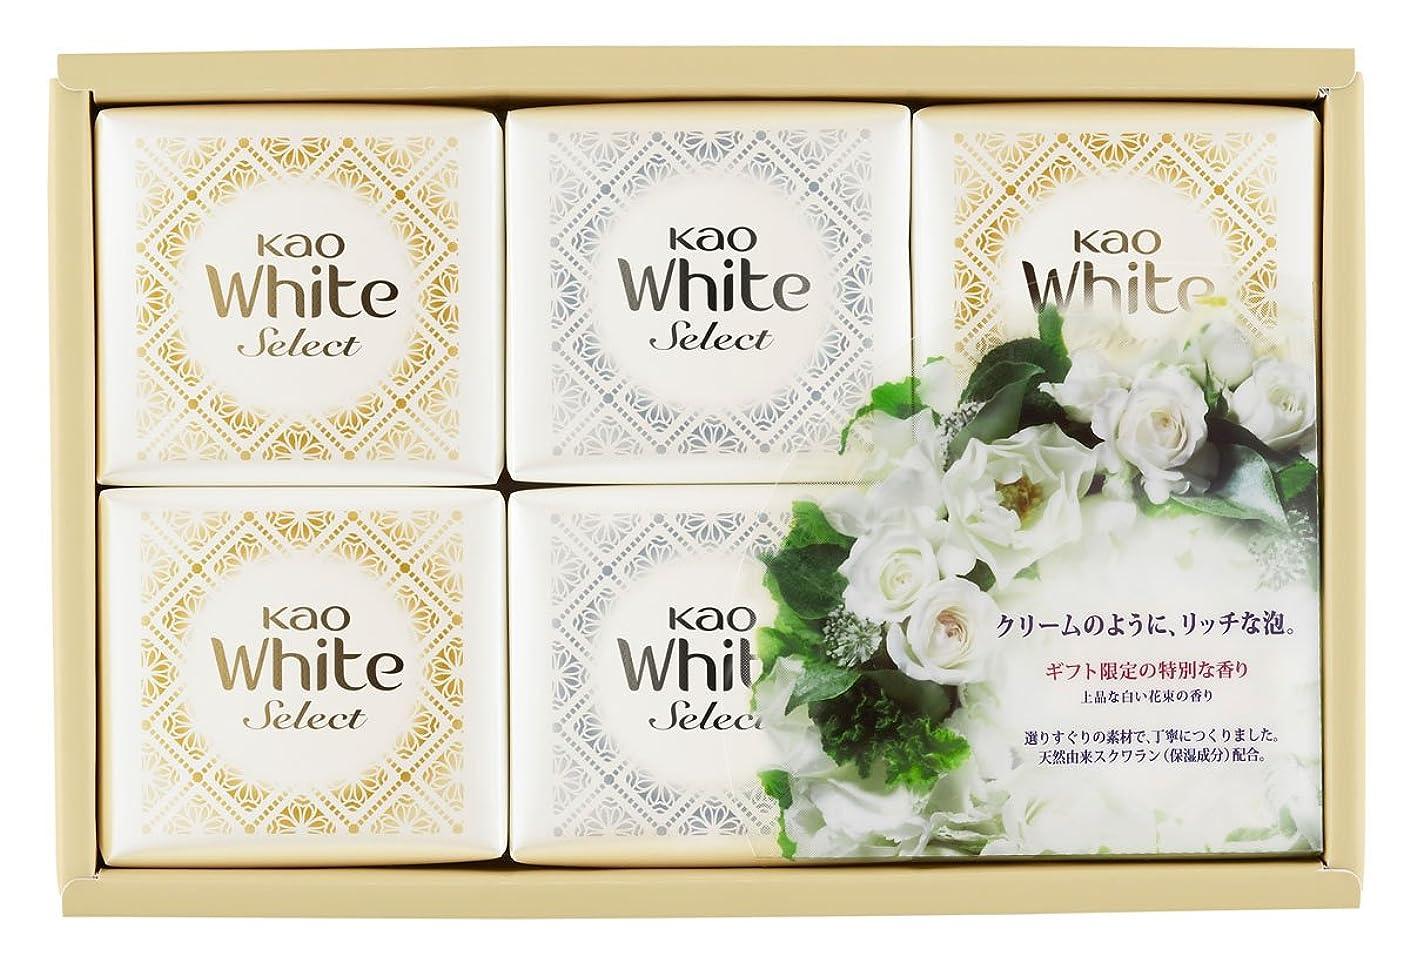 ゲート見る袋花王ホワイト セレクト 上品な白い花束の香り 固形せっけん 6コ (K?WS-10)